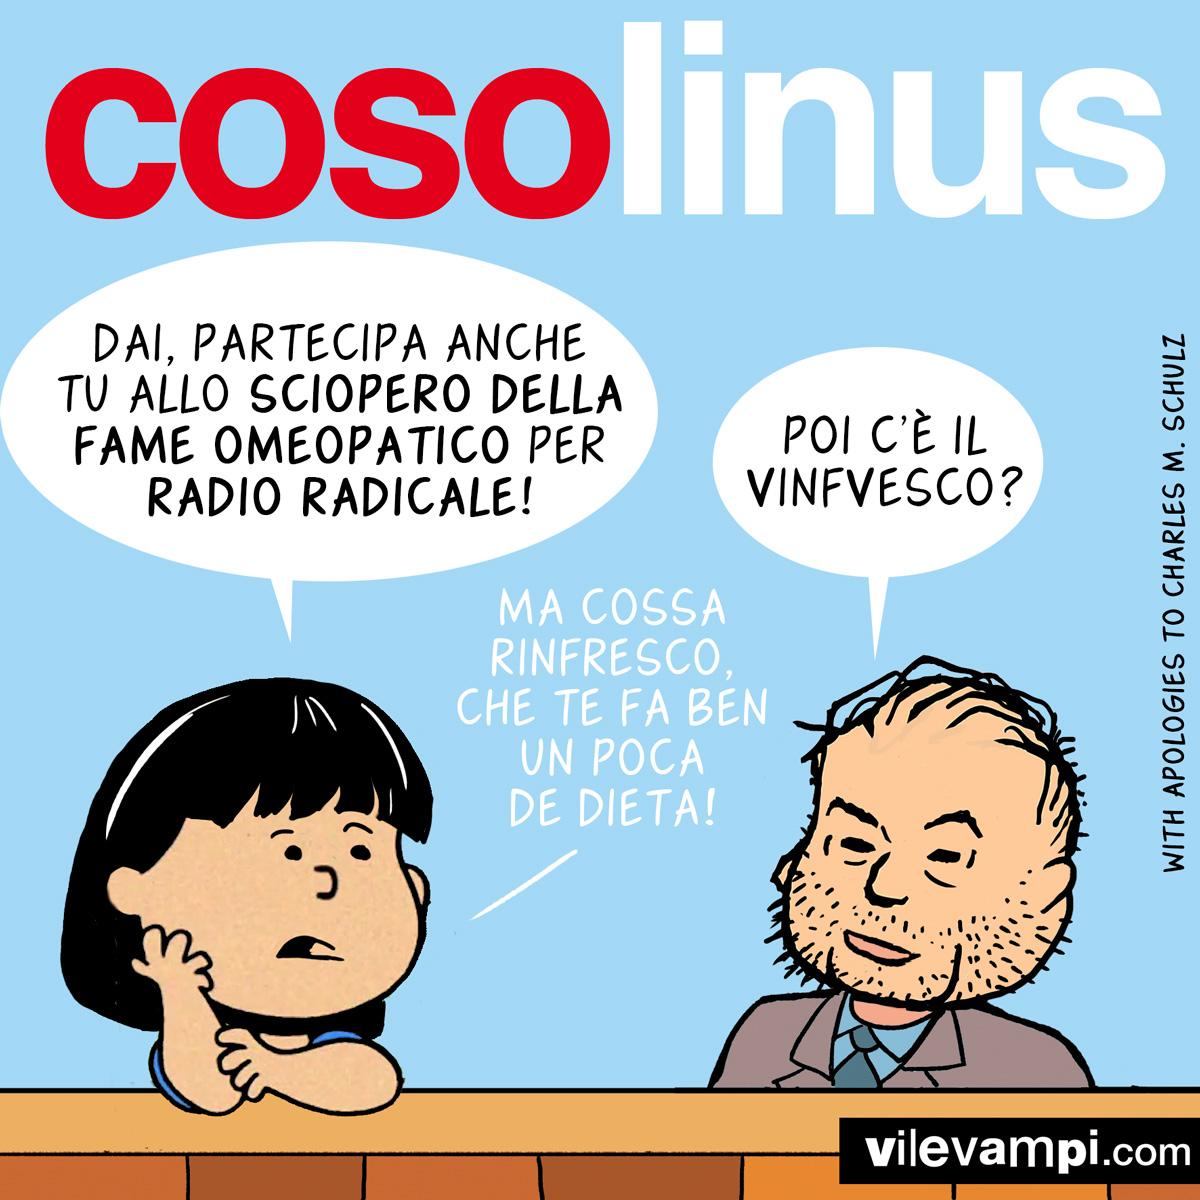 2019_CosoLinus_digiuno